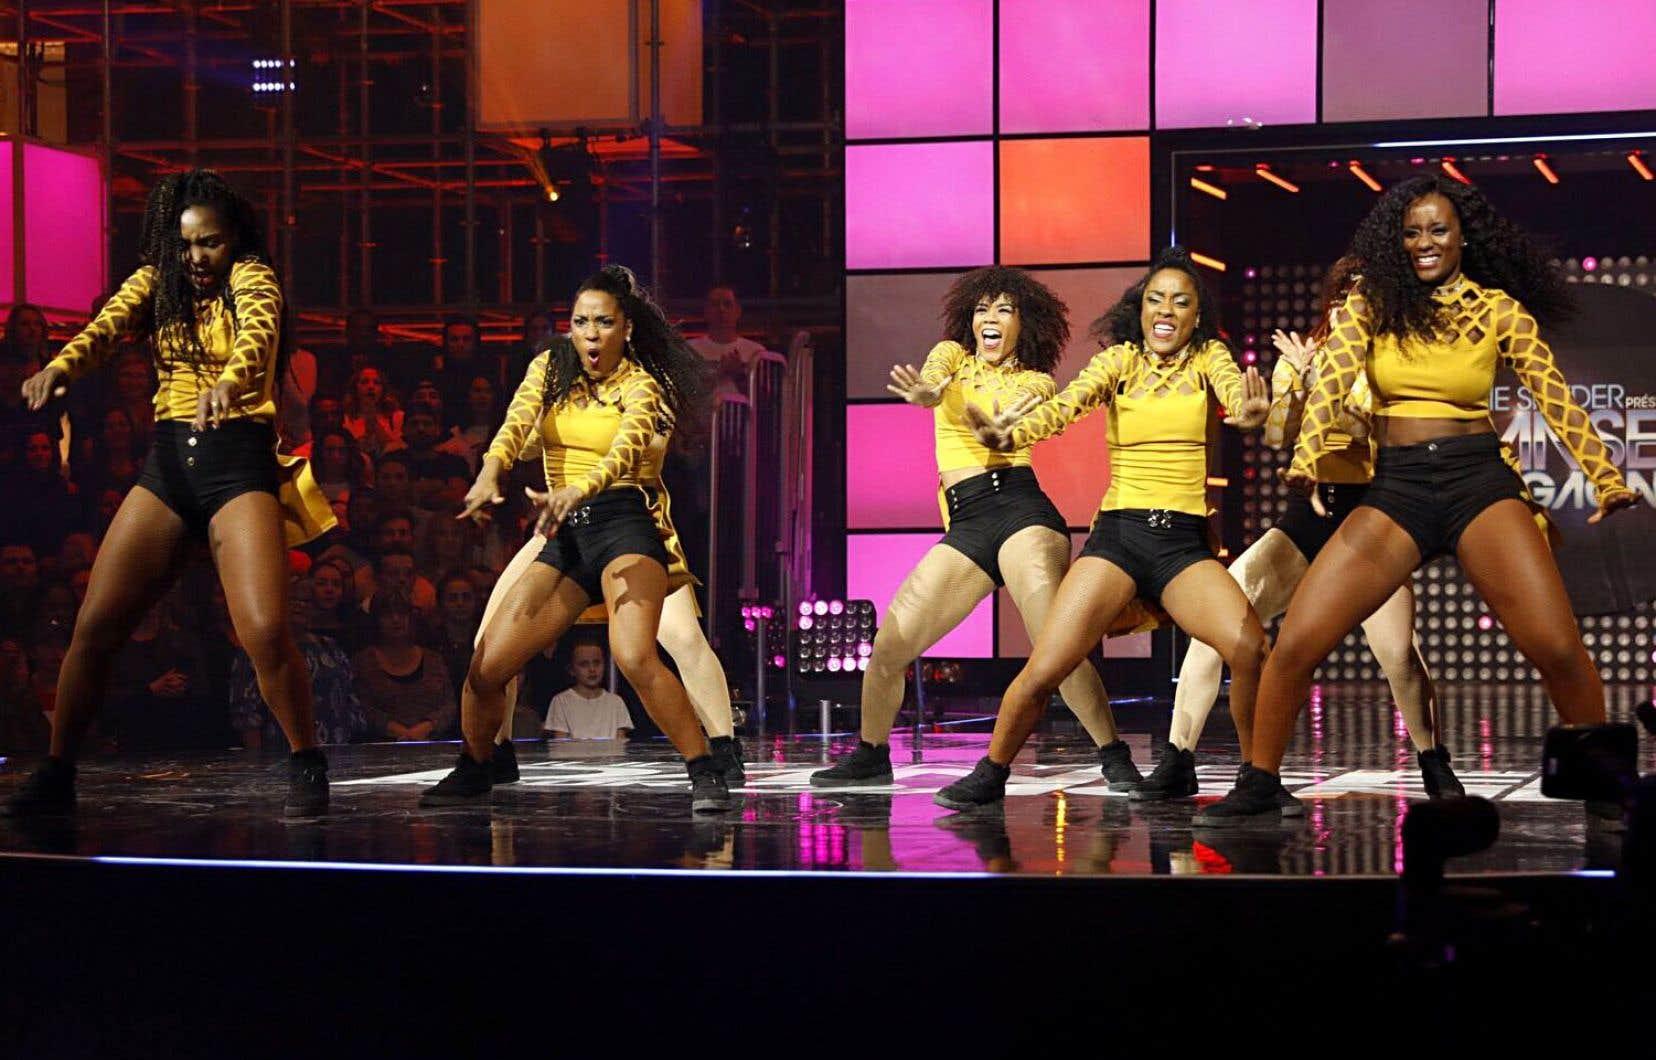 Numéro de danse urbaine à «Danser pour gagner», diffusée sur V.